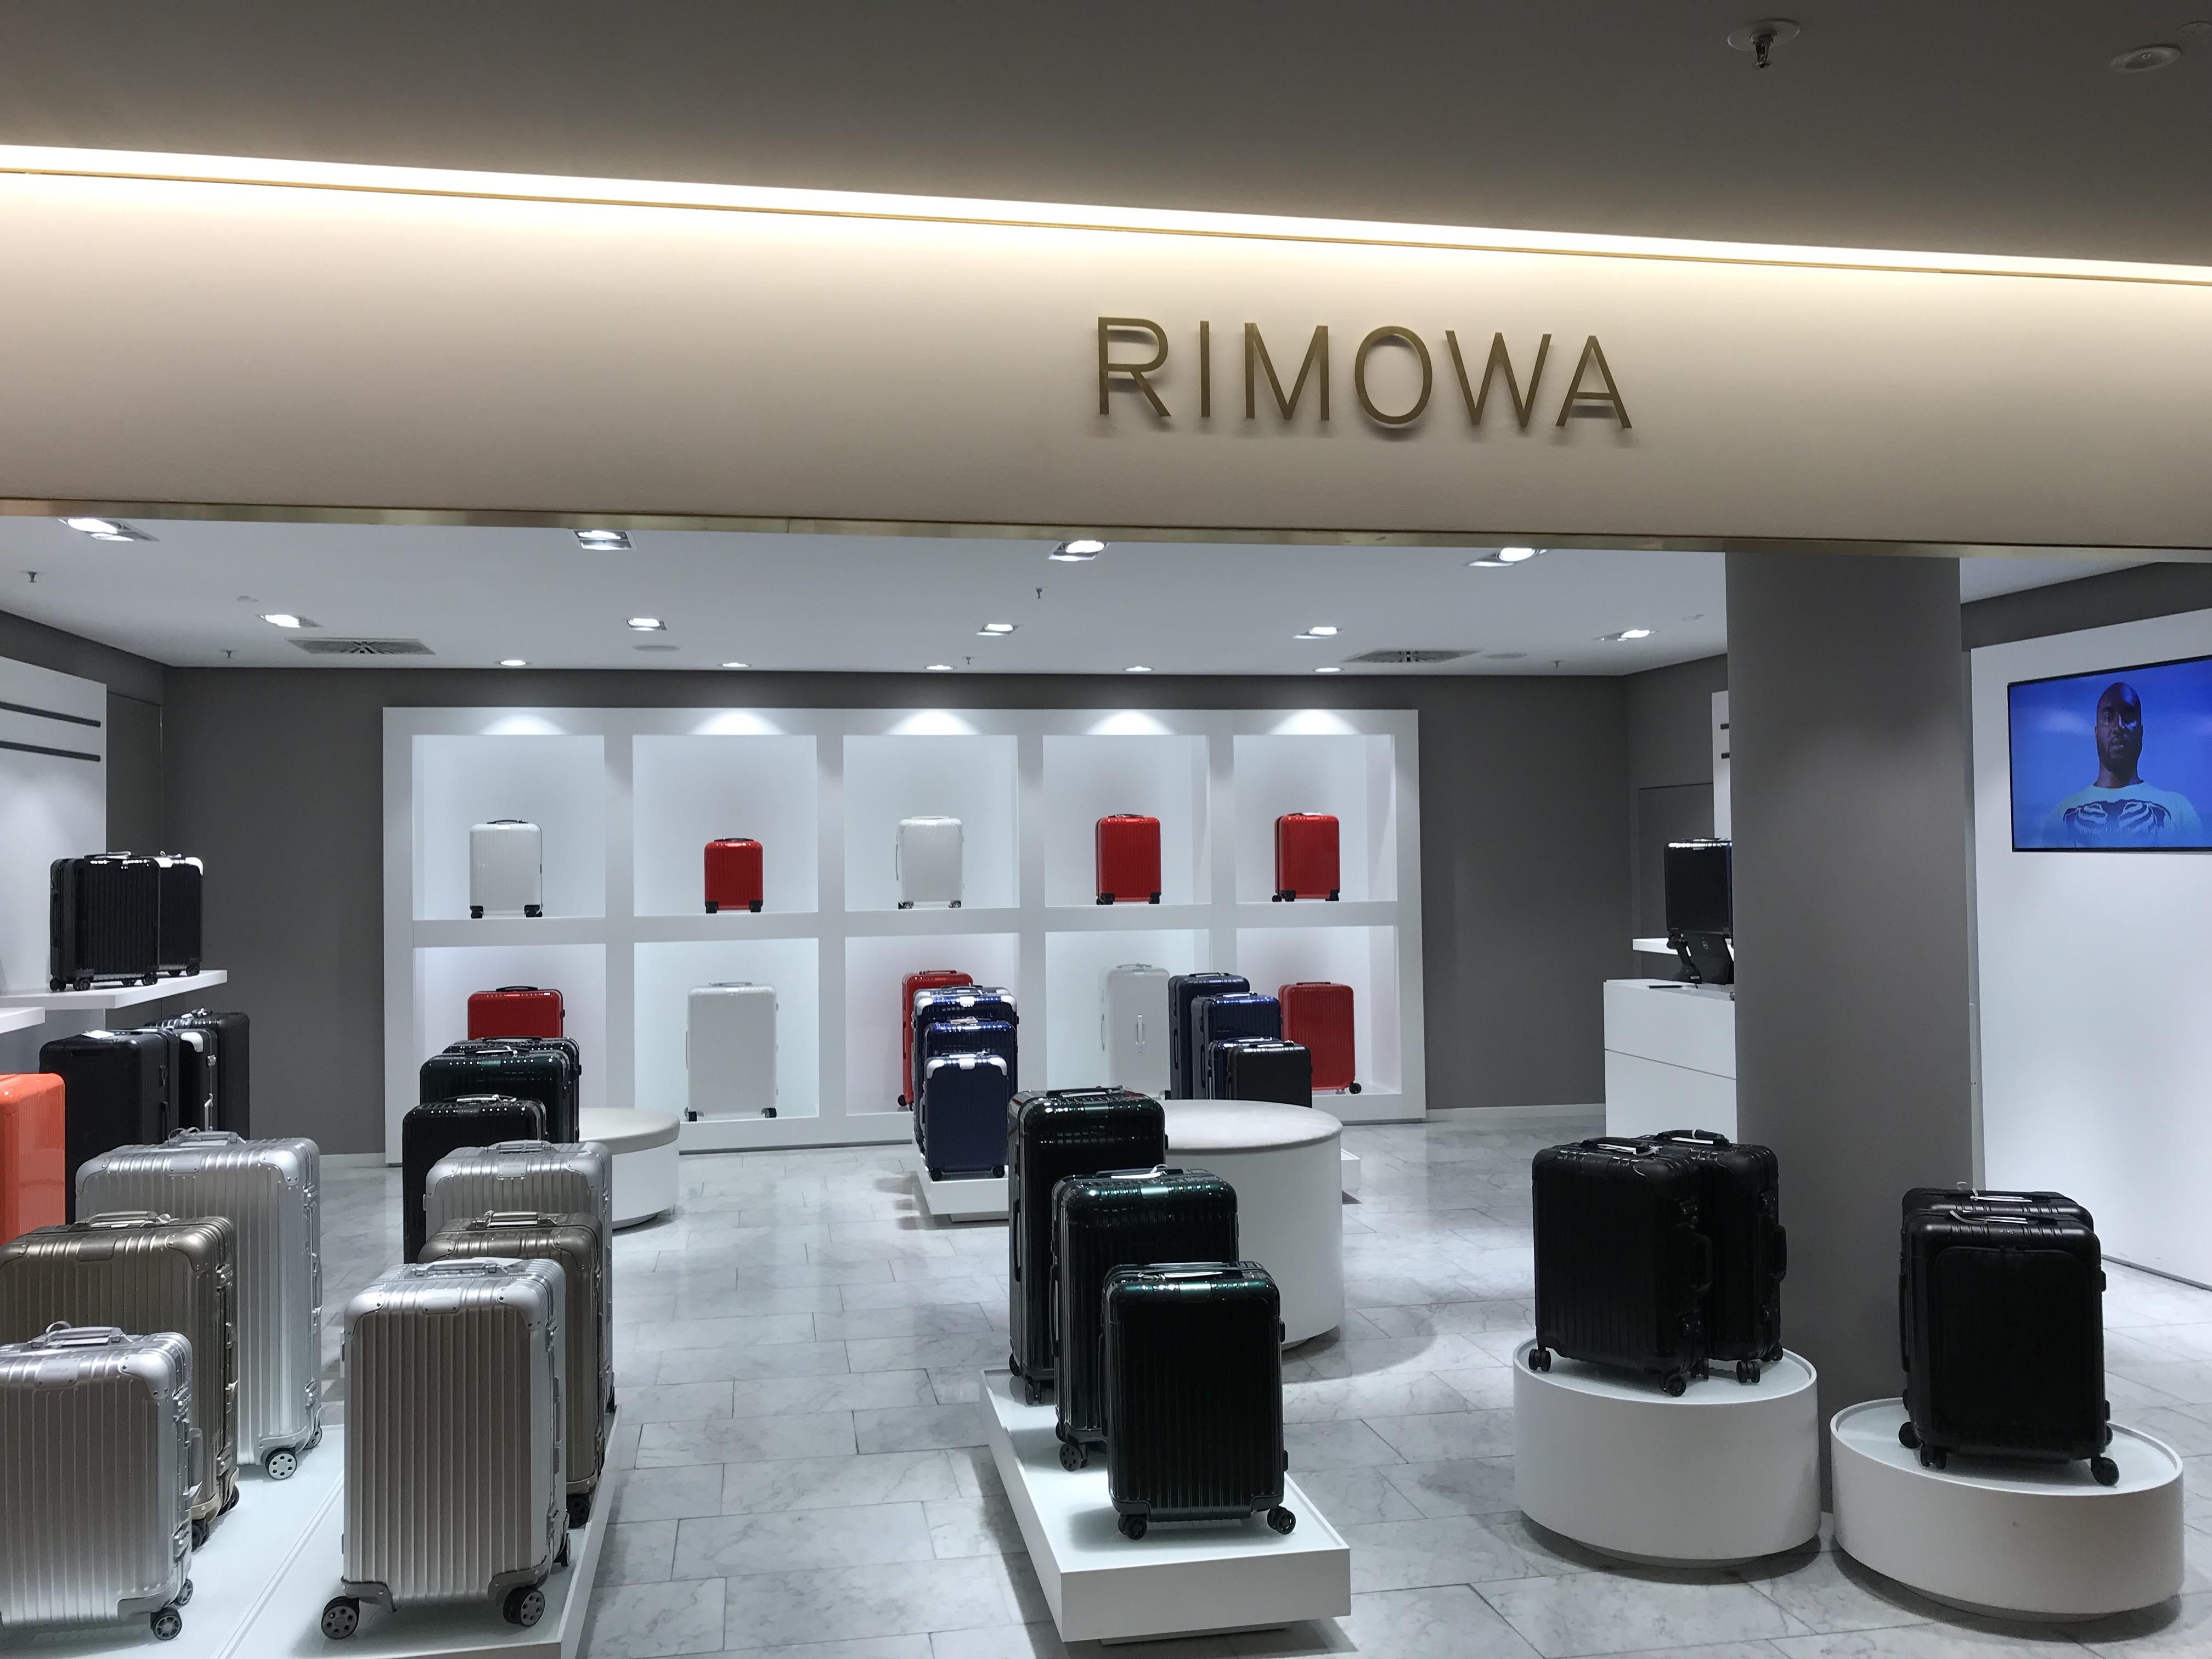 ドイツ、ミュンヘンでRIMOWA(リモワ)を安く買う!